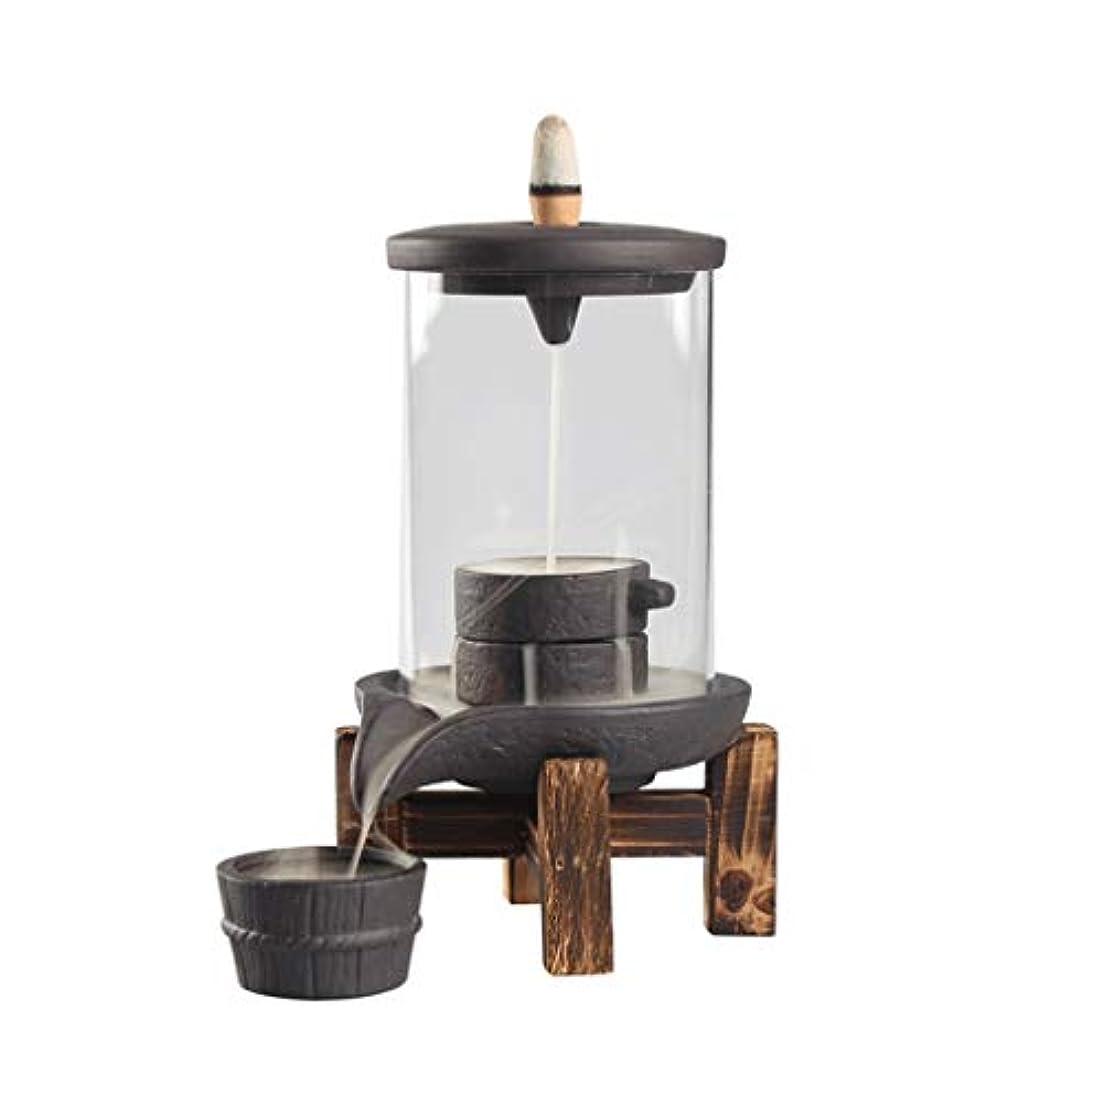 フィットバージンパリティ逆流ガラス香のホールダー縦の寒天の陶磁器の香バーナーの儀式空気浄化の香の床の香のホールダー (Color : Black, サイズ : 3.74*6.7INCHS)